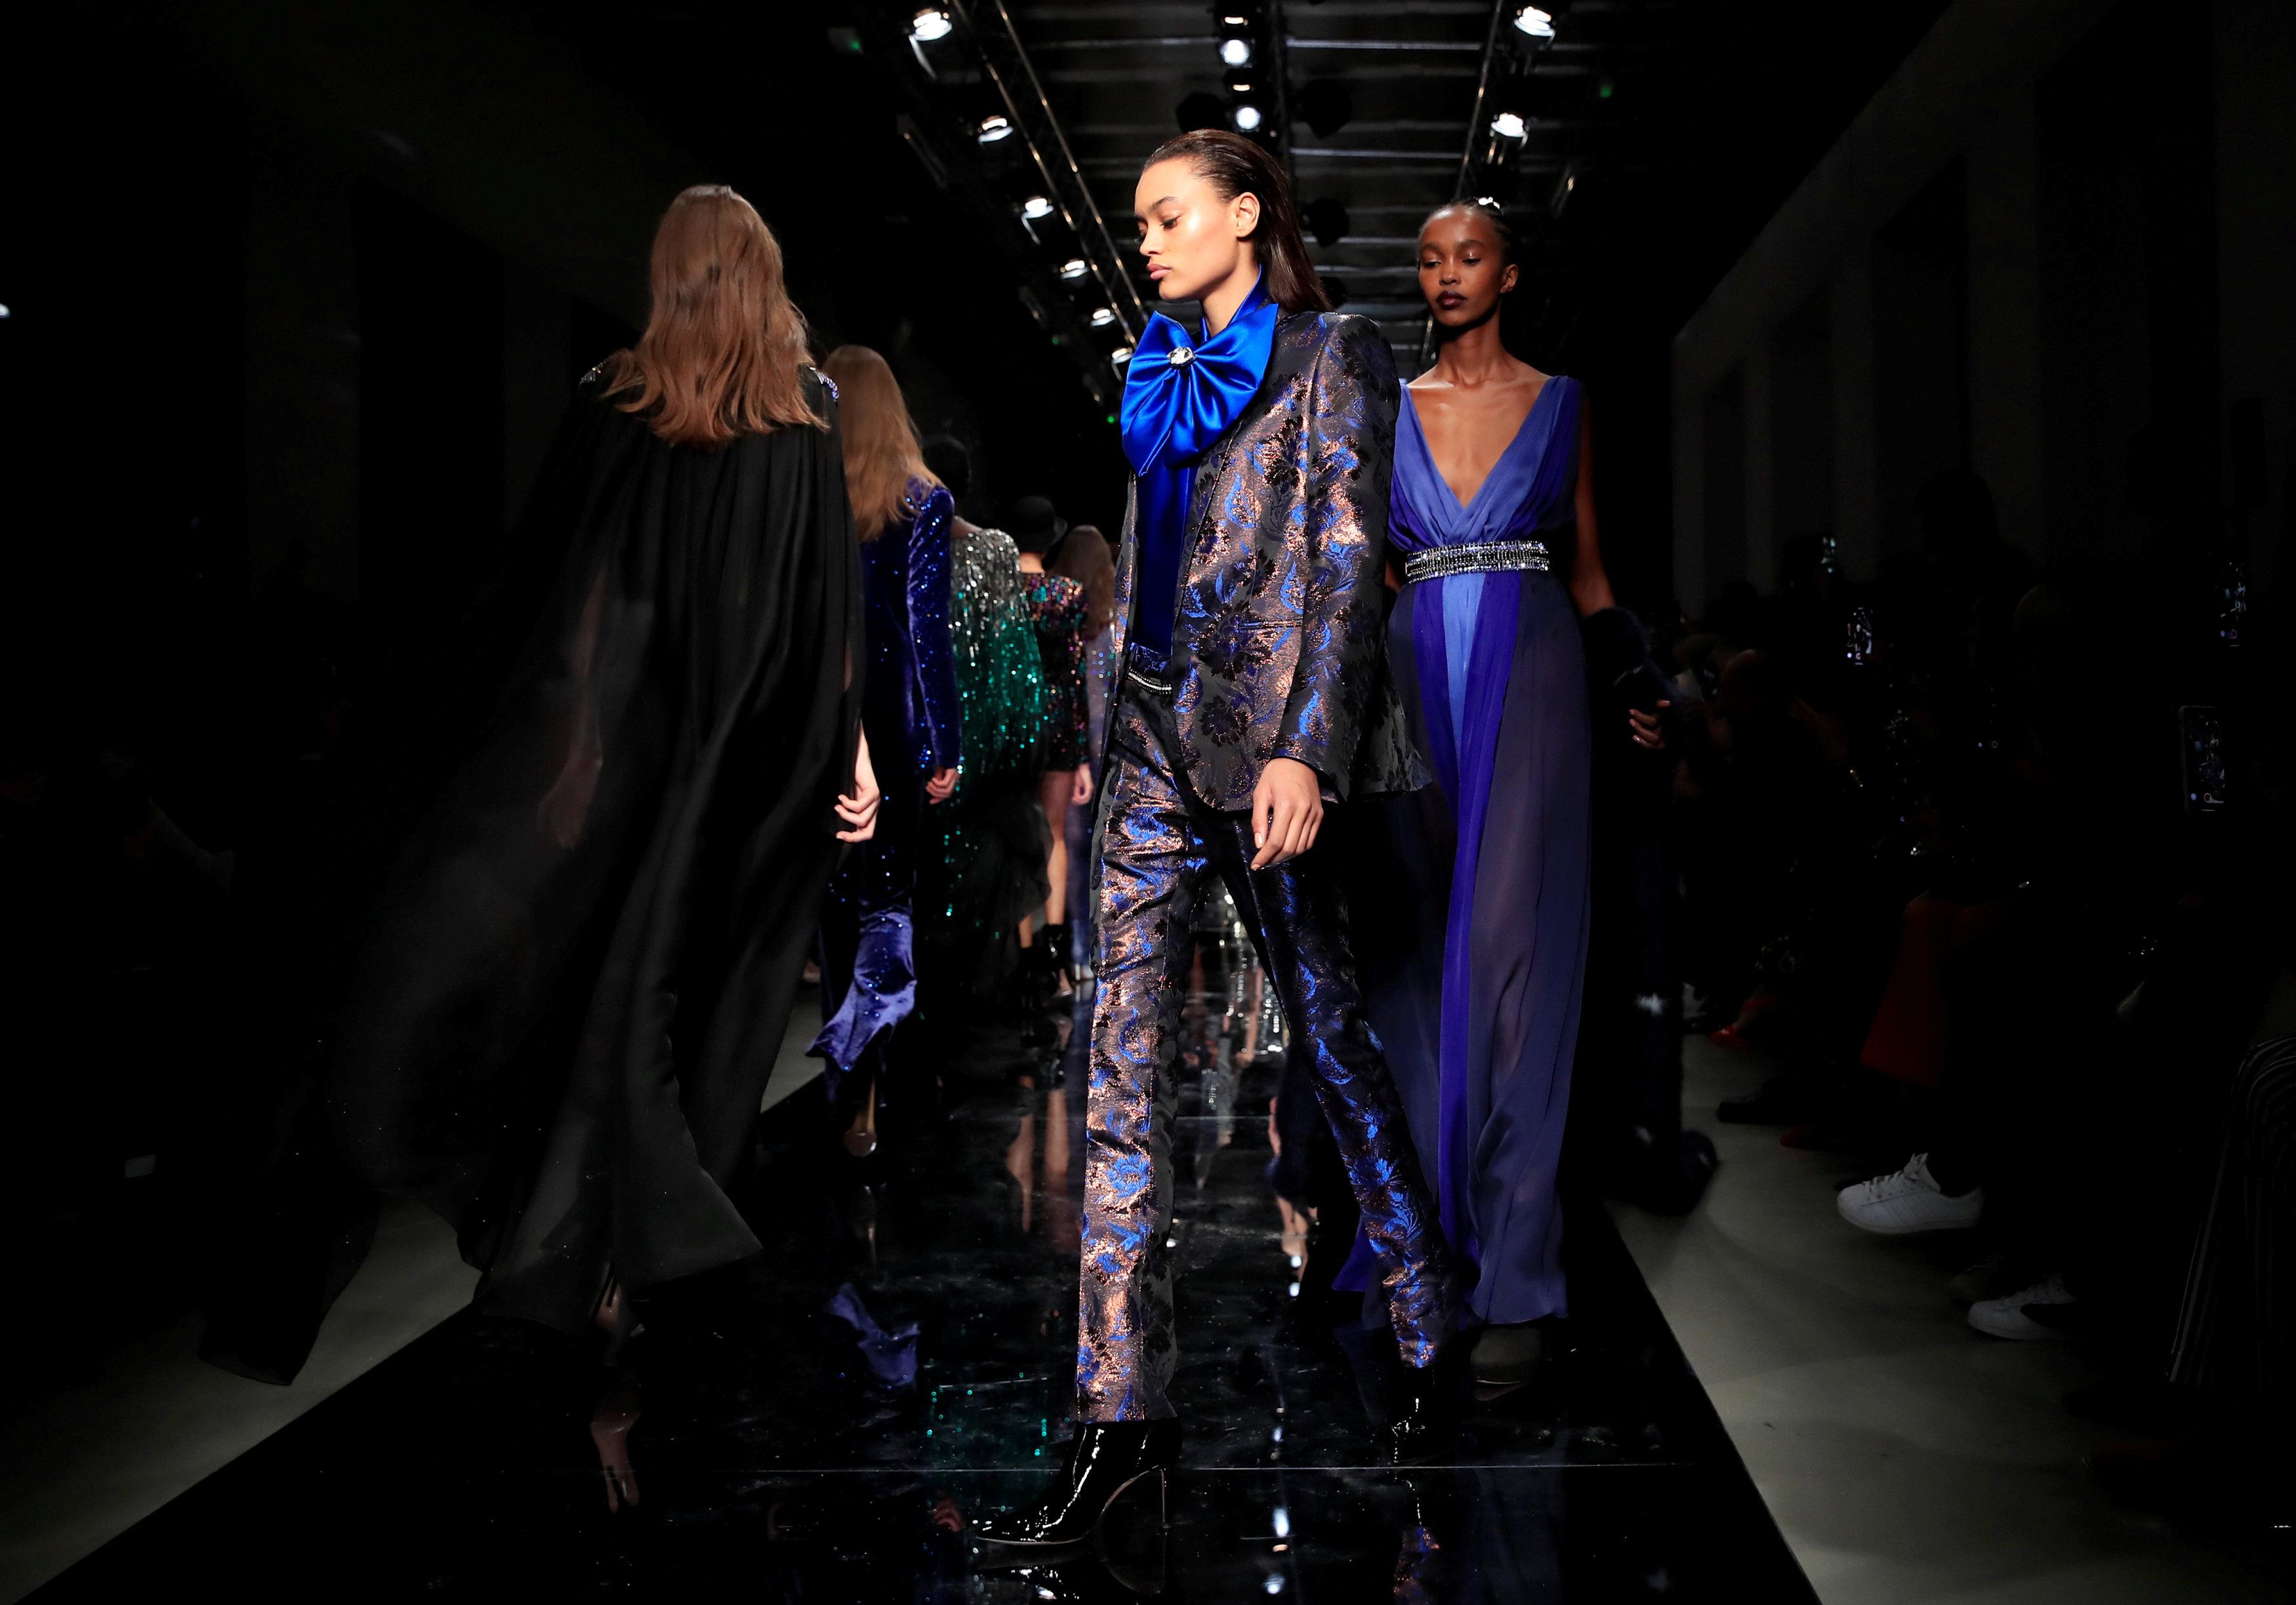 عرض أزياء ماكسيم سيمنز خلال أسبوع الموضة بباريس (20)